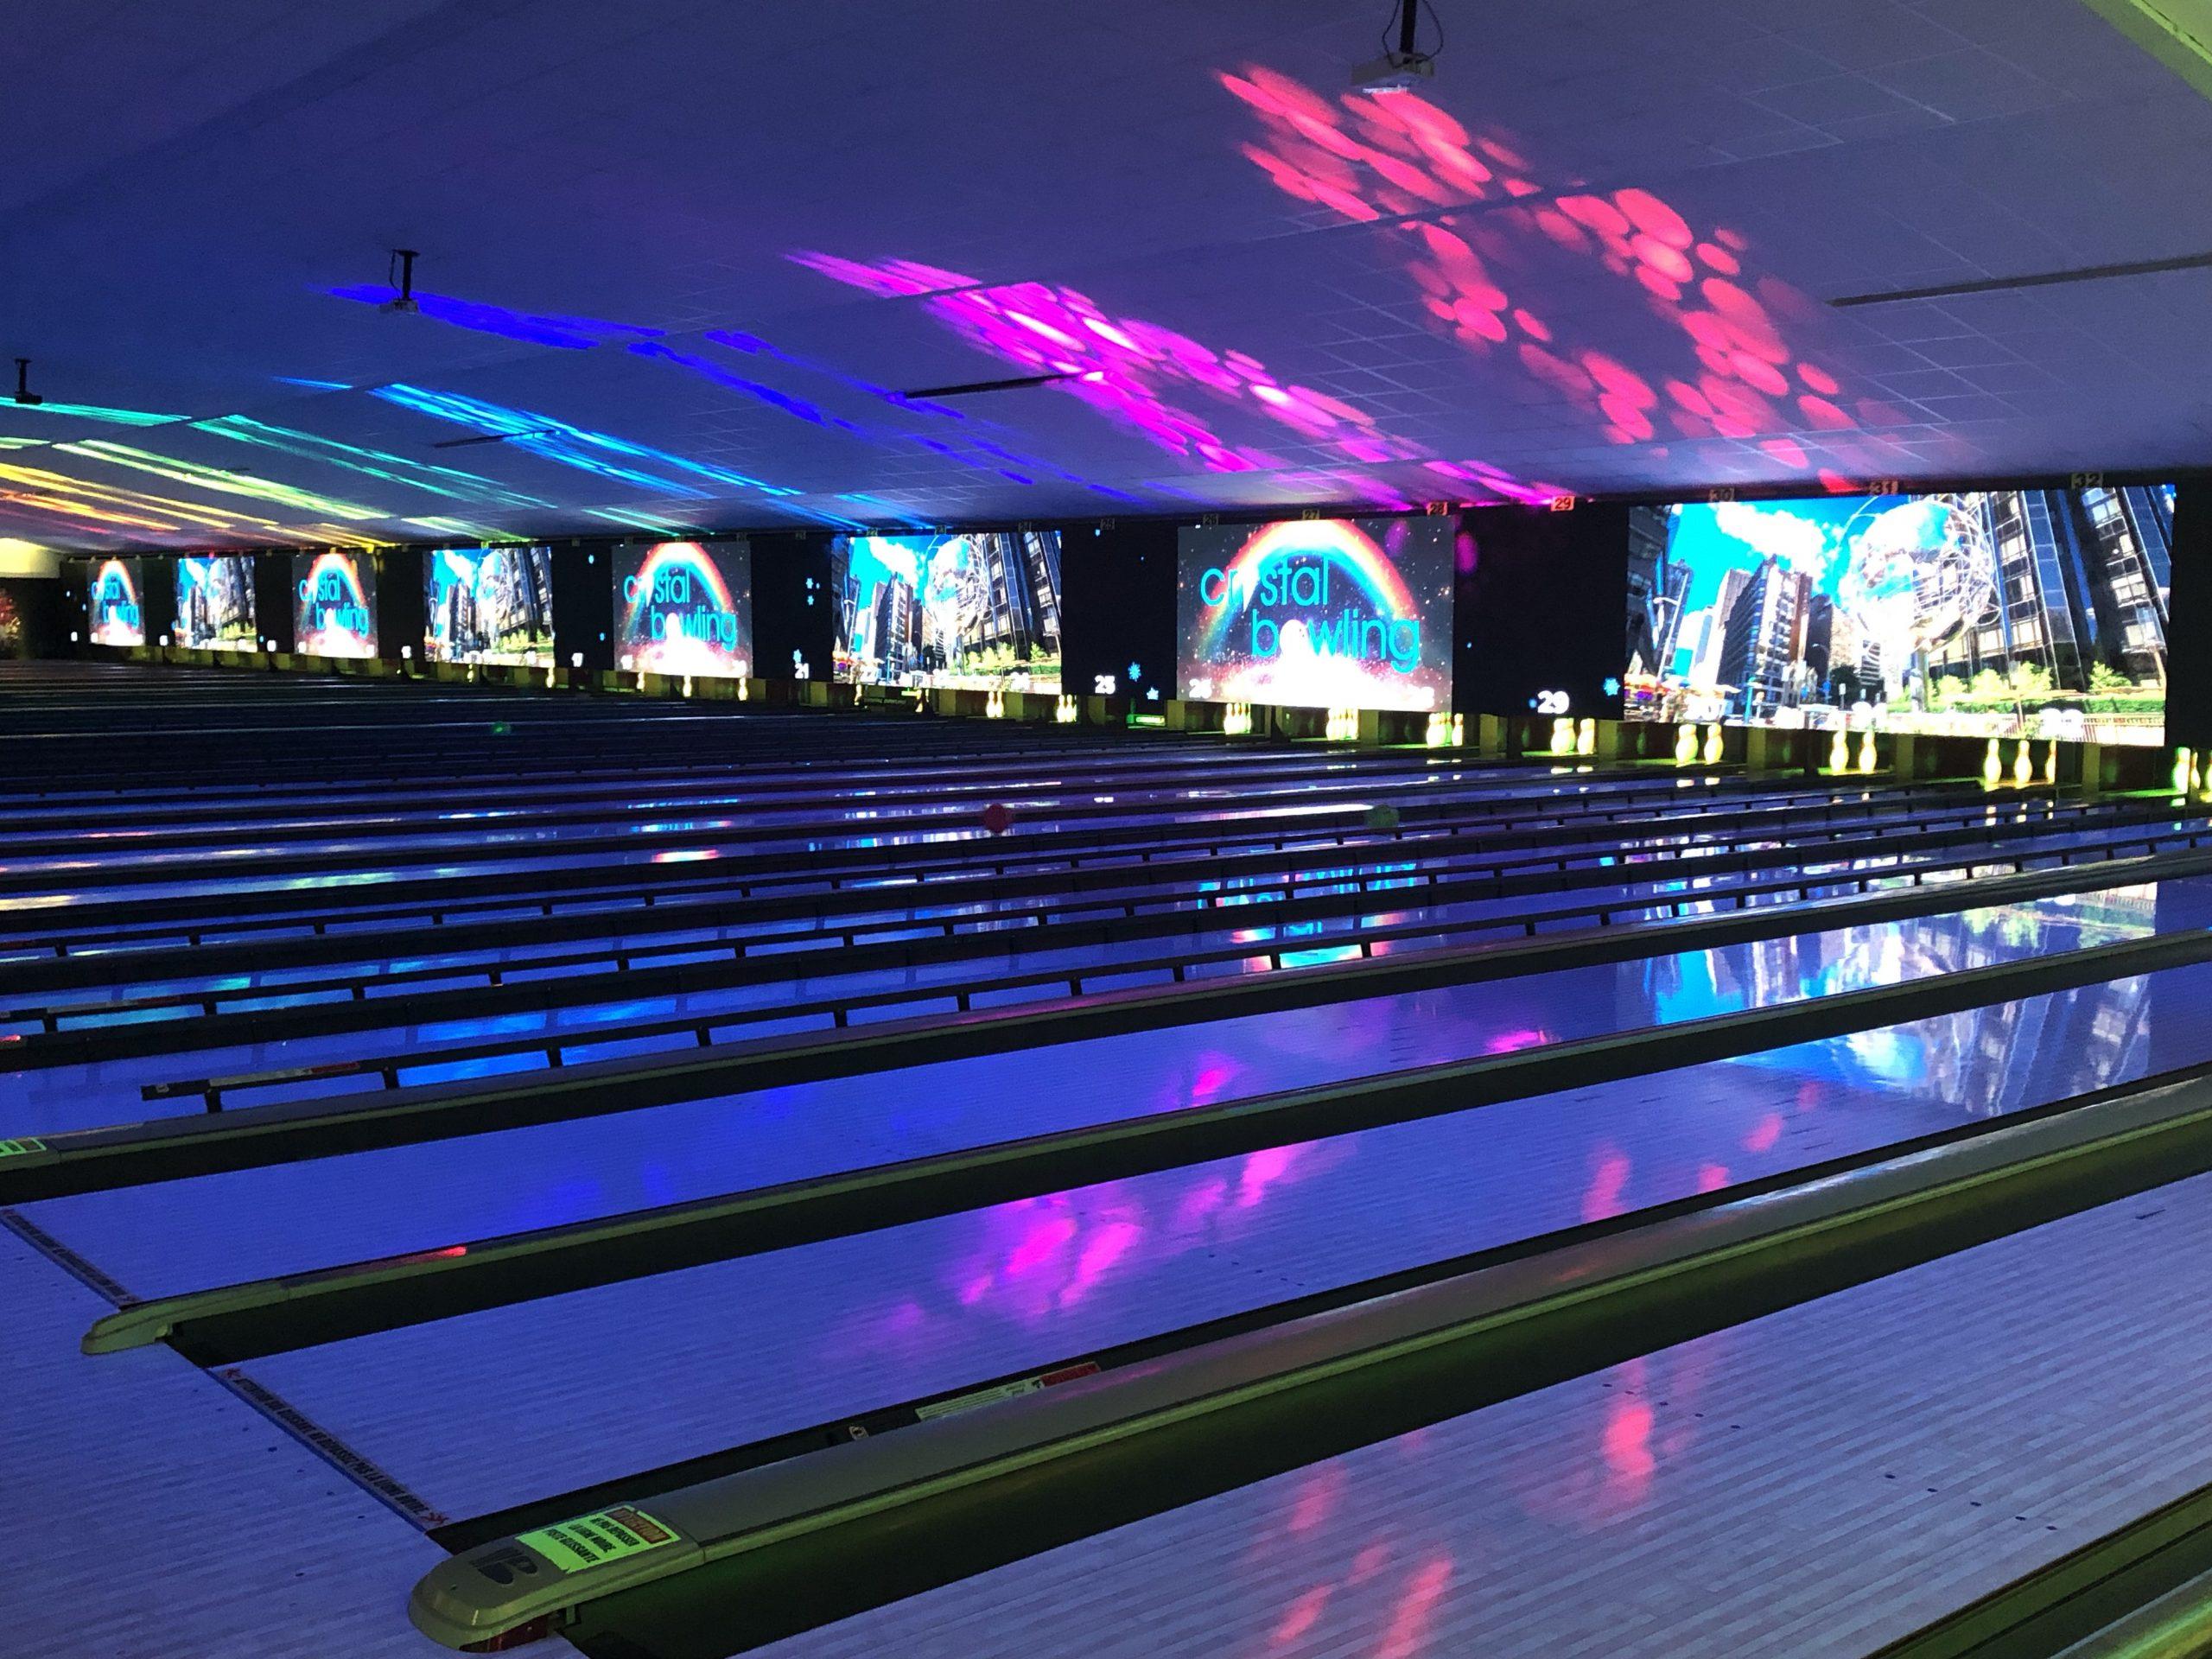 Comment Faire Pour Ouvrir Un Bowling cristal bowling